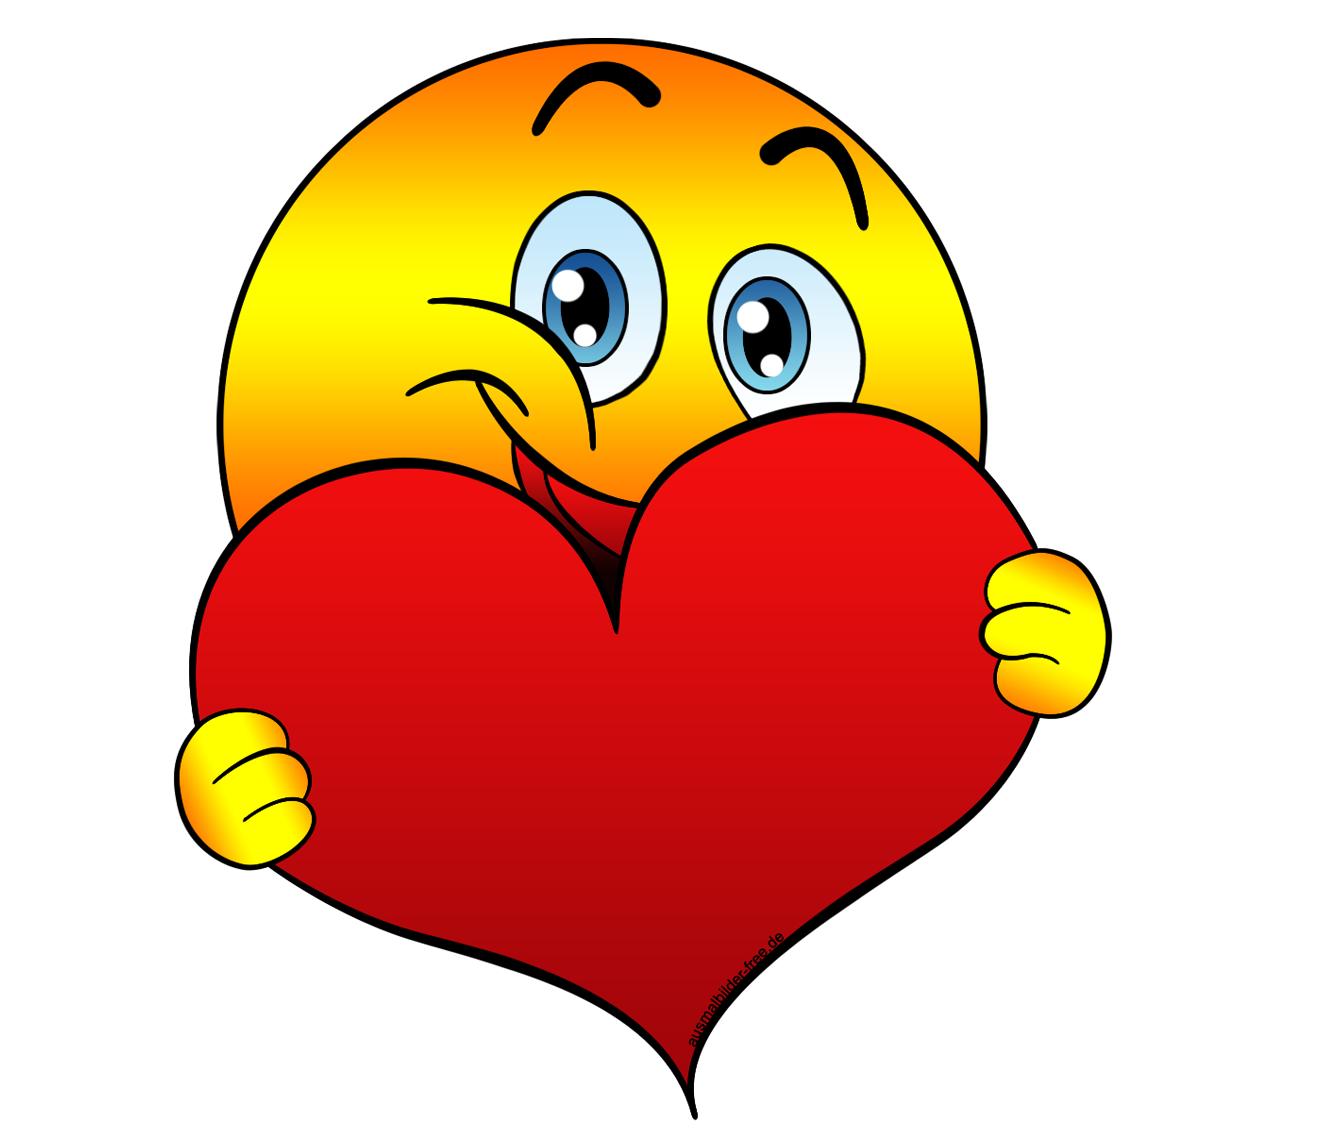 Картинки смайлики с сердечками